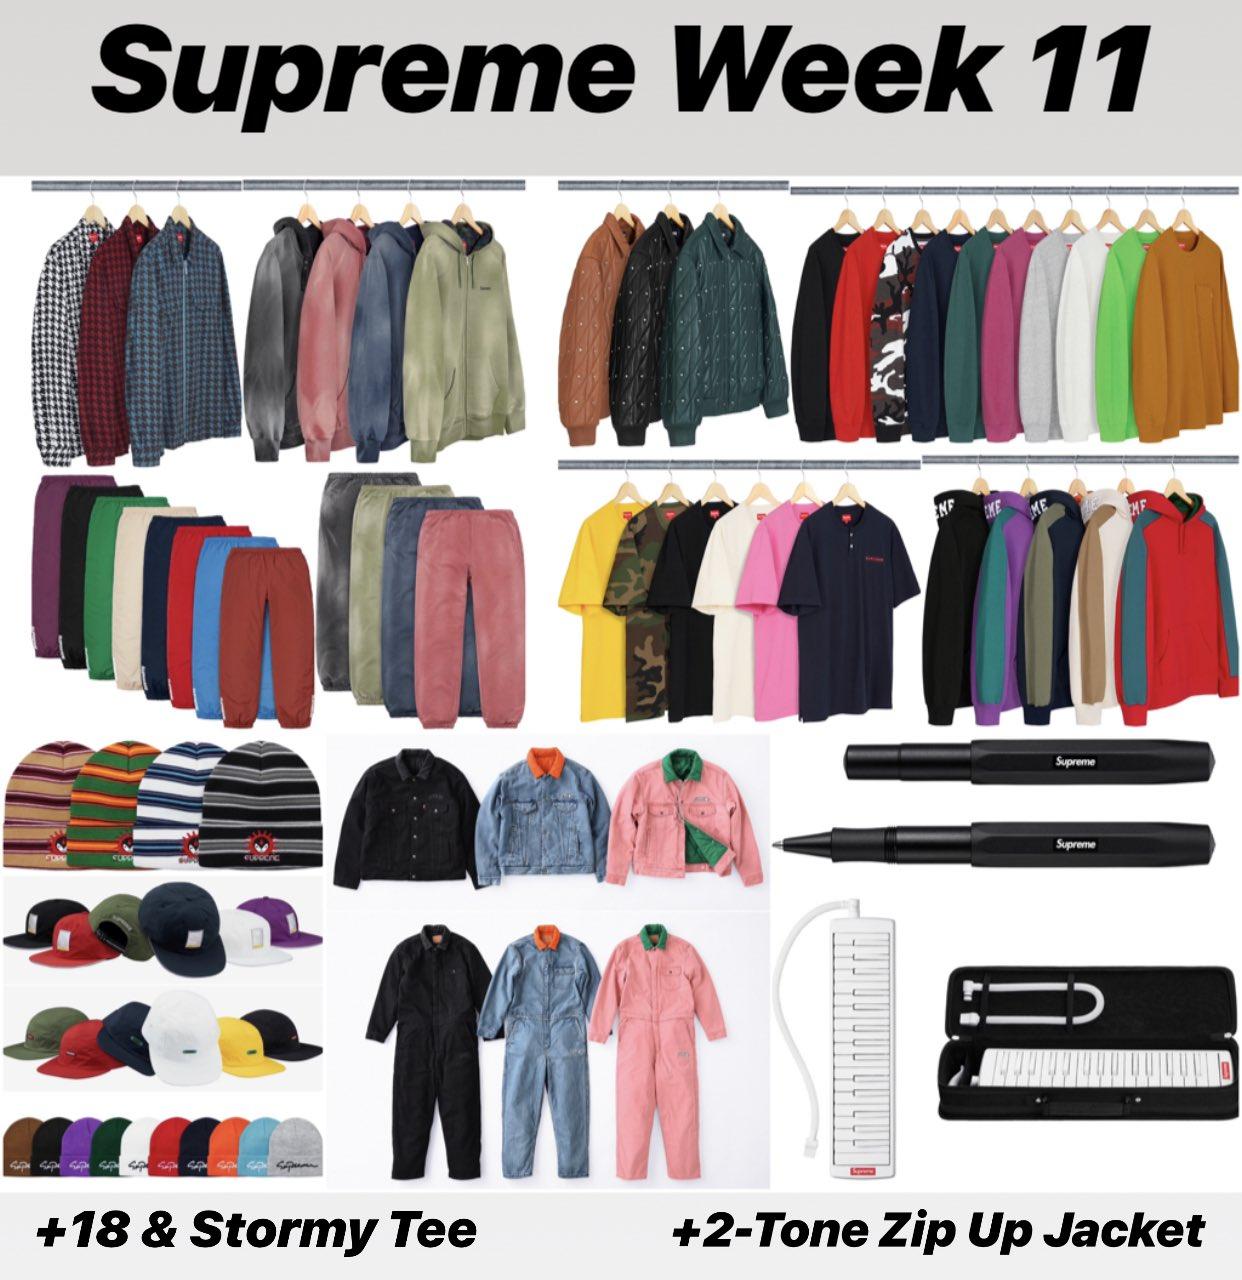 Supreme Week 11